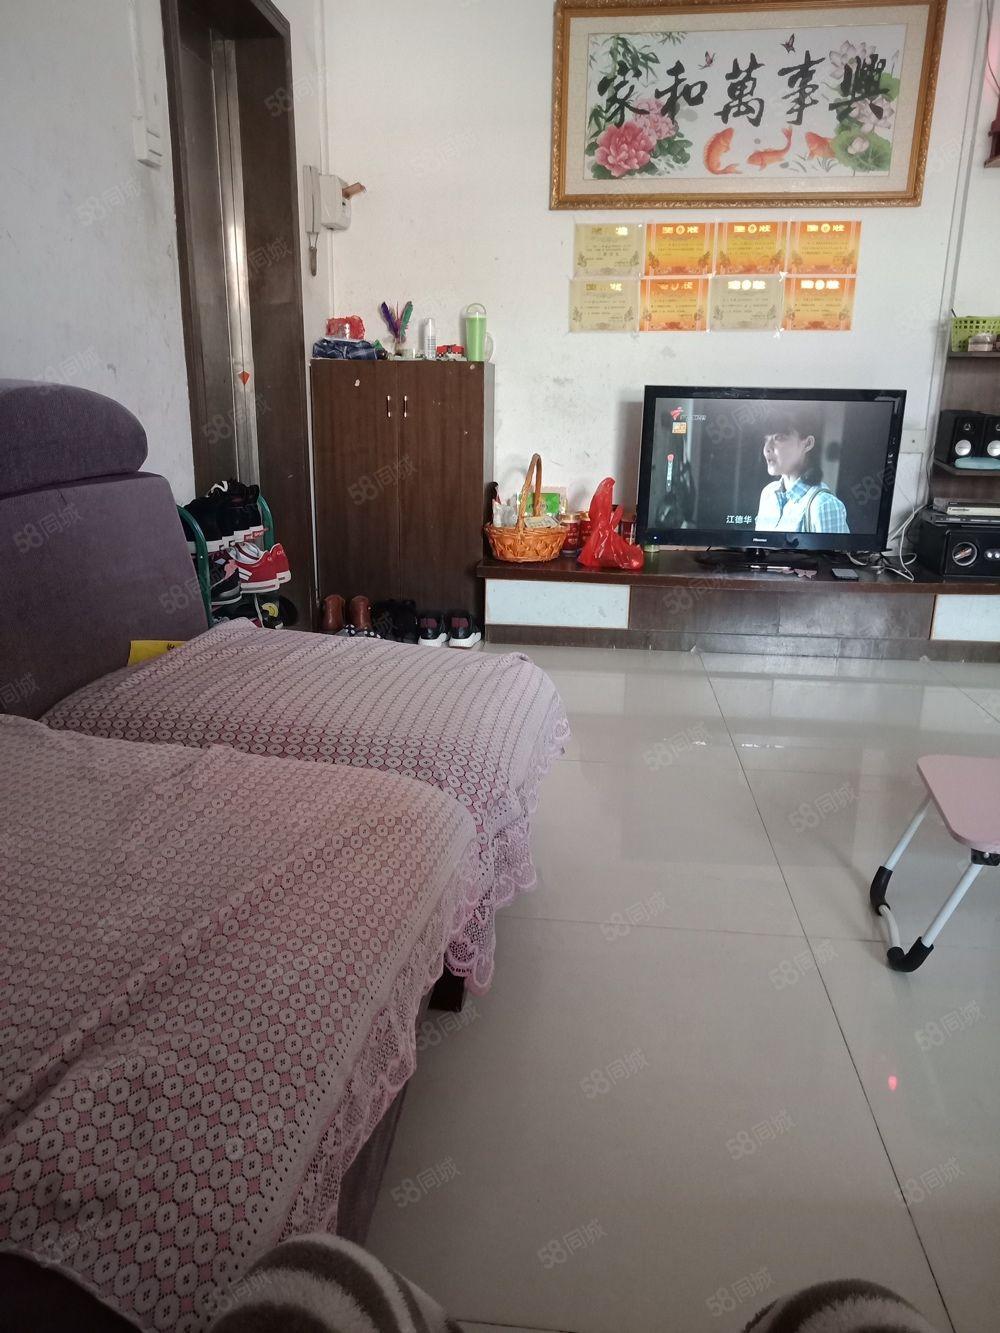 阳东花园振士小区3房79.6平方28.5万低层新净首期10万